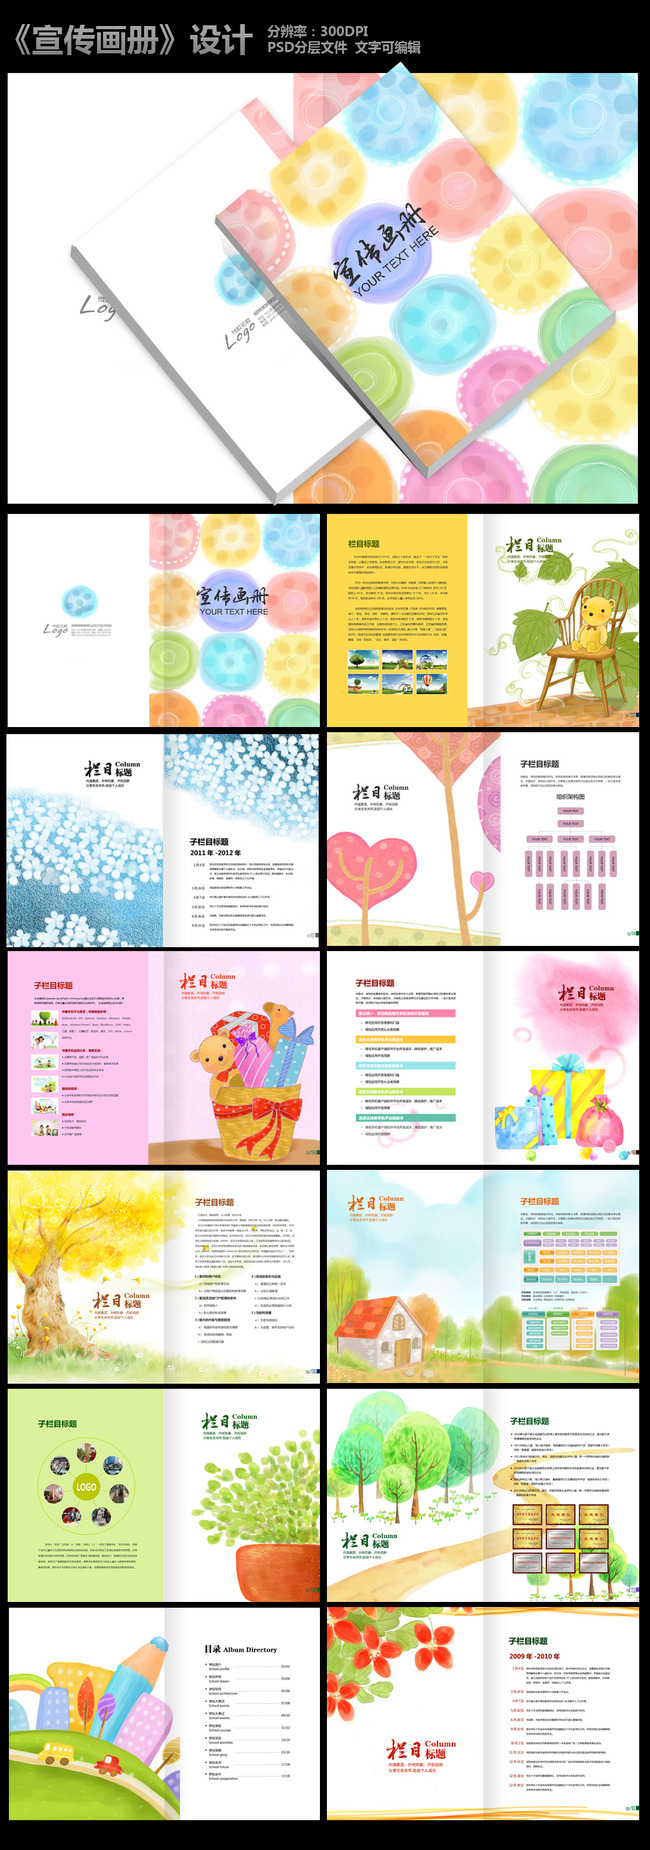 水彩 糖果色 幼儿园 美术 绘画 说明:儿童教育培训宣传画册设计模板